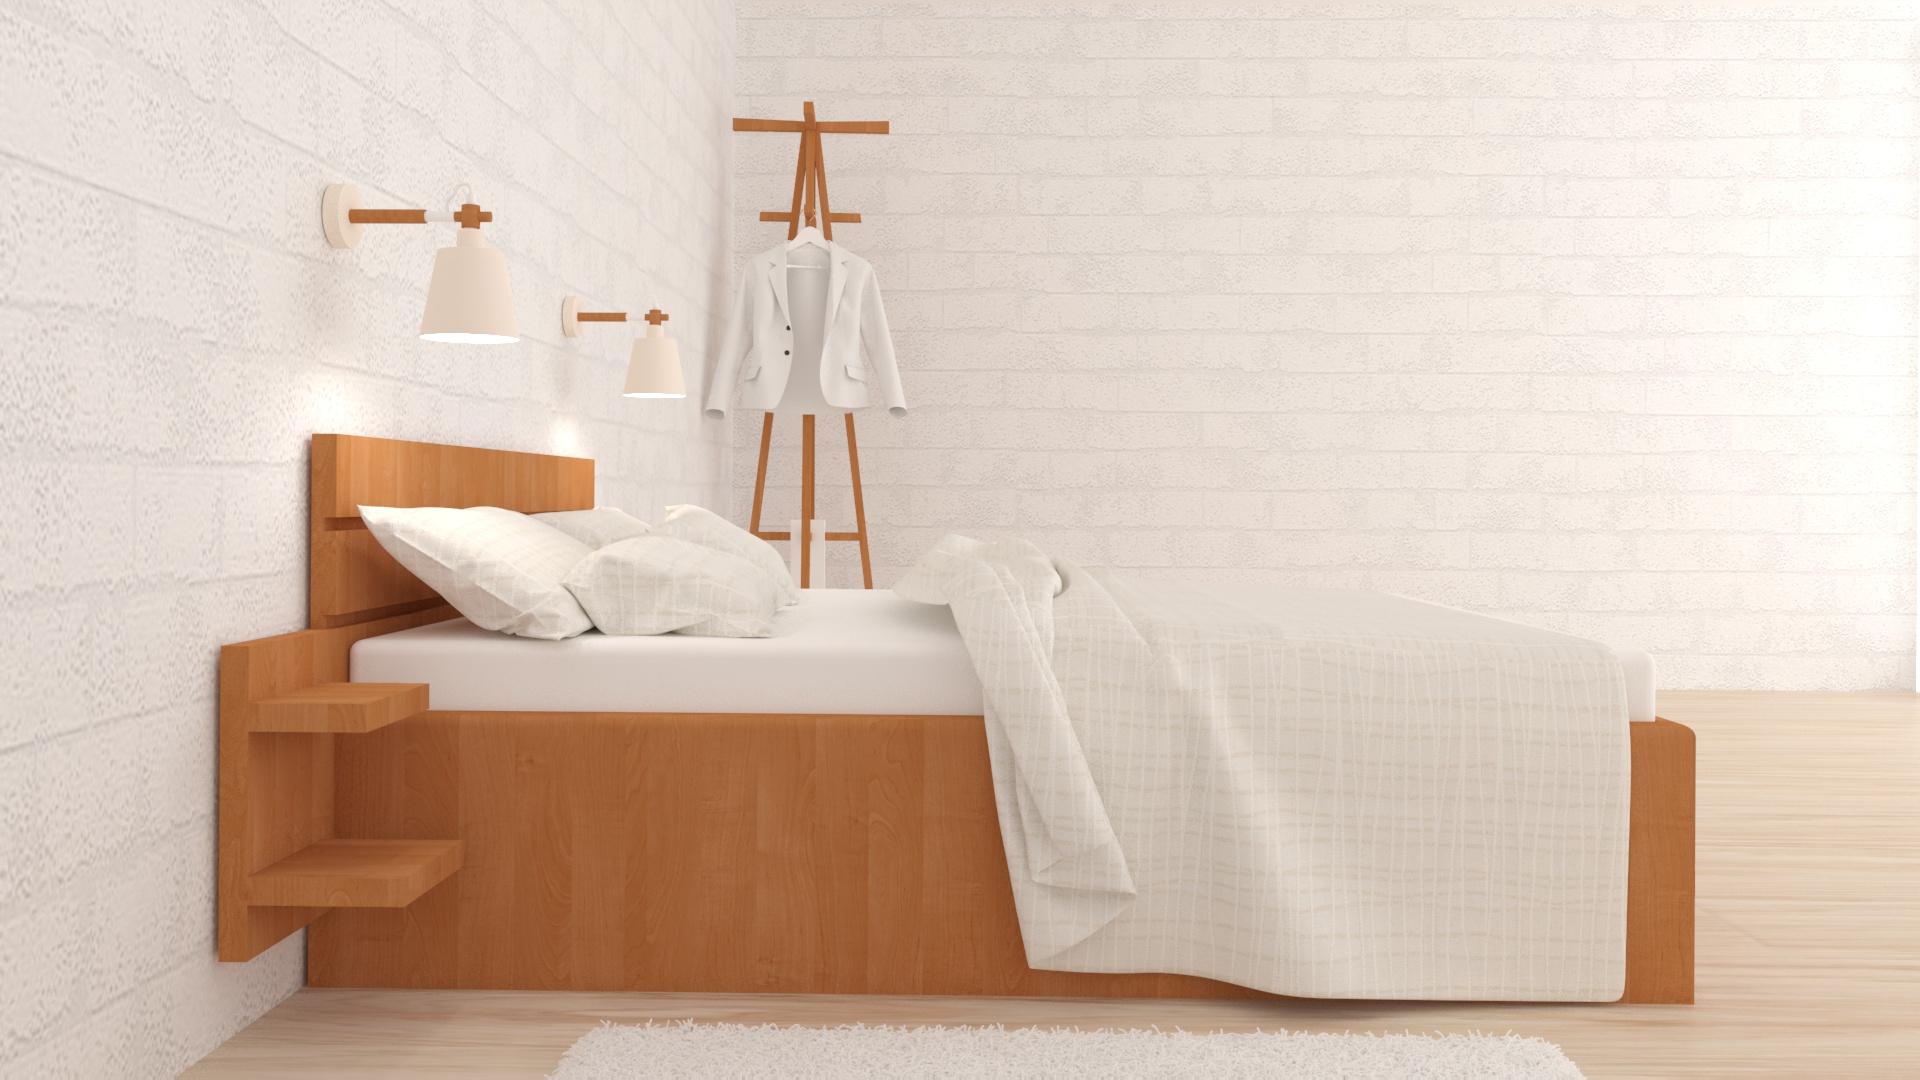 спалня, 3d визуализация